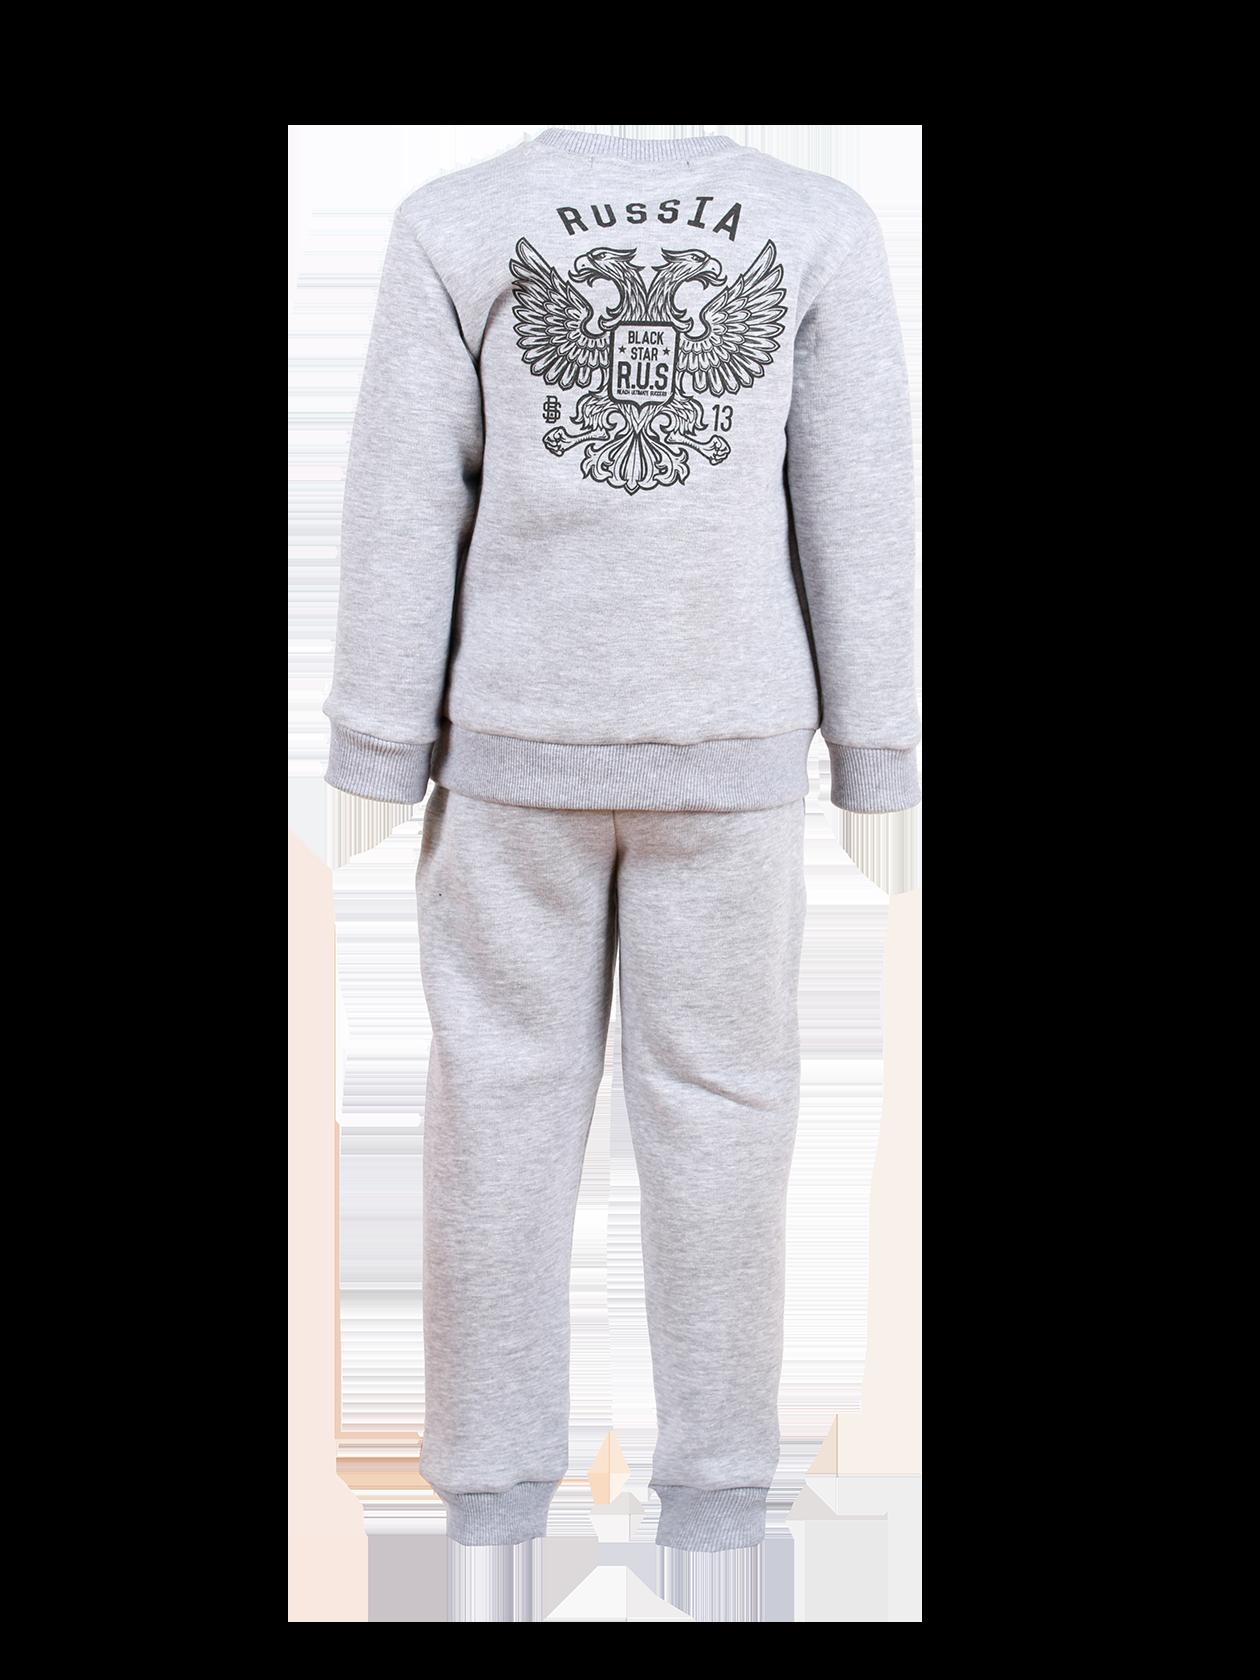 Костюм спортивный подростковый R.U.S. GERBСпортивный костюм подростковый R.U.S. Gerb в цвете серый меланж – отличный выбор для спорта, отдыха и прогулок. С виду лаконичная модель выделяется контрастным принтом в виде двуглавого орла, оформленного по центру толстовки. Джоггеры заужены эластичными резинками и дополнены фиксирующим поясом. Костюм создан из высококачественного бленда хлопка (95%) и лайкры (5%), за счет чего вещь выдерживает многочисленные стирки и не теряет привлекательный внешний вид.<br><br>Размер: 12-14 years<br>Цвет: Серый меланж<br>Пол: Унисекс